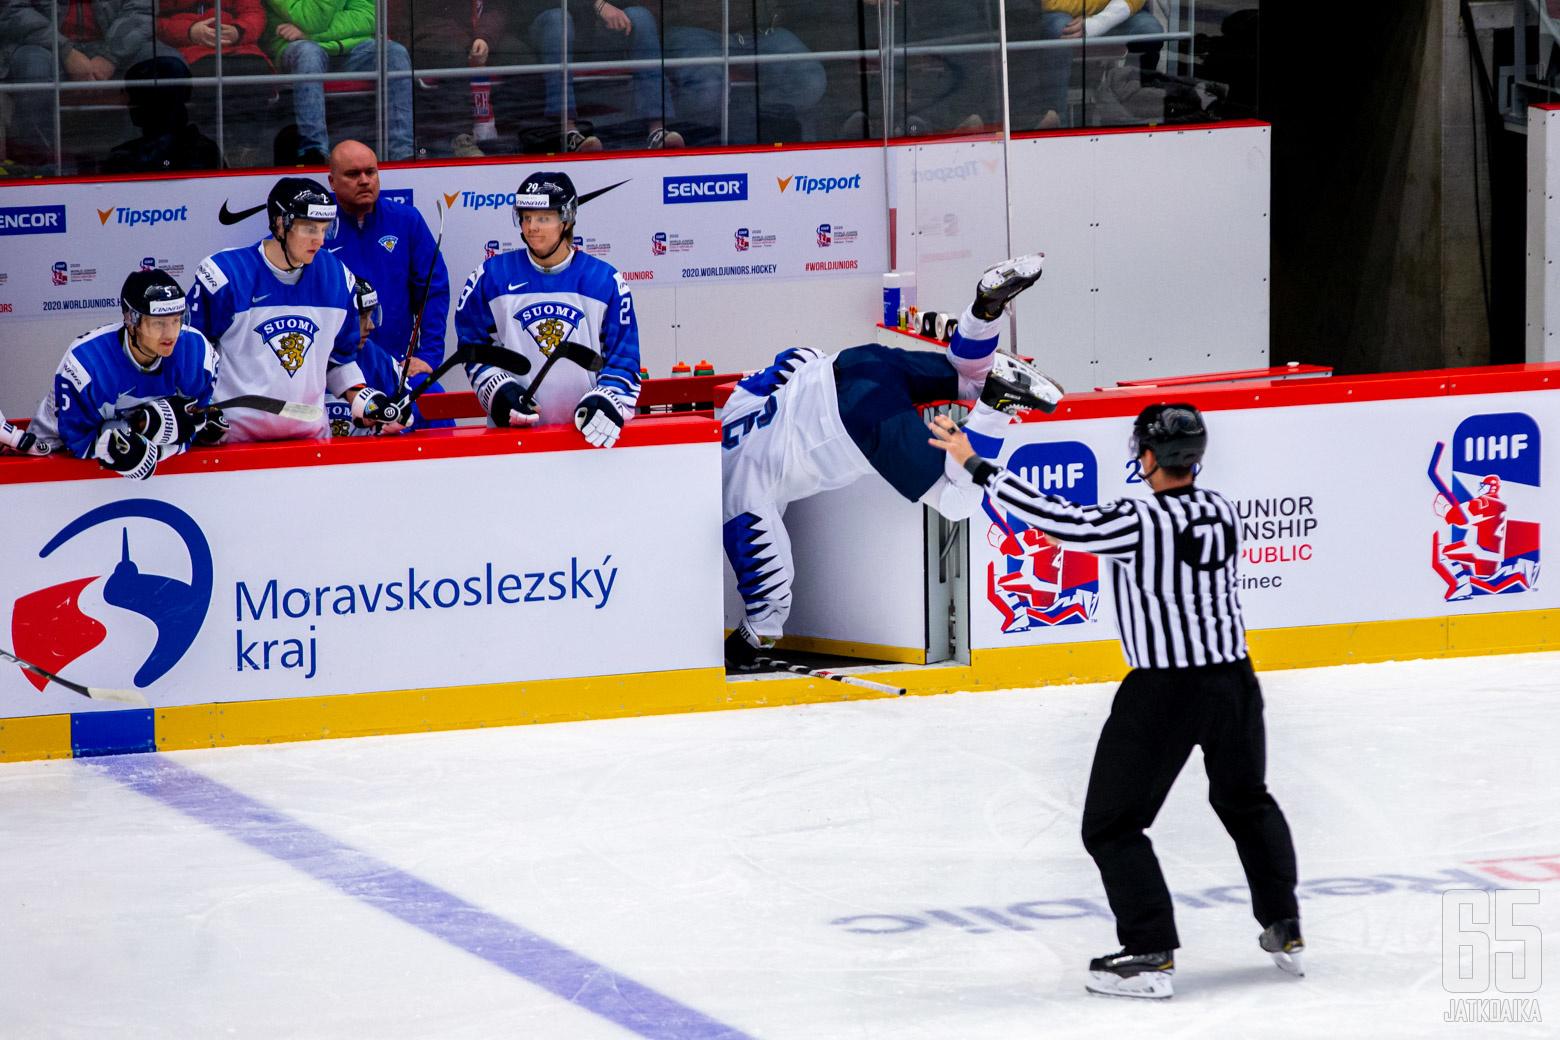 Suomi - Kazakstan, Nuorten MM-kisat 29.12.2019, Werk Areena, Trinec. (Kuva: Jari Mäki-Kuutti)